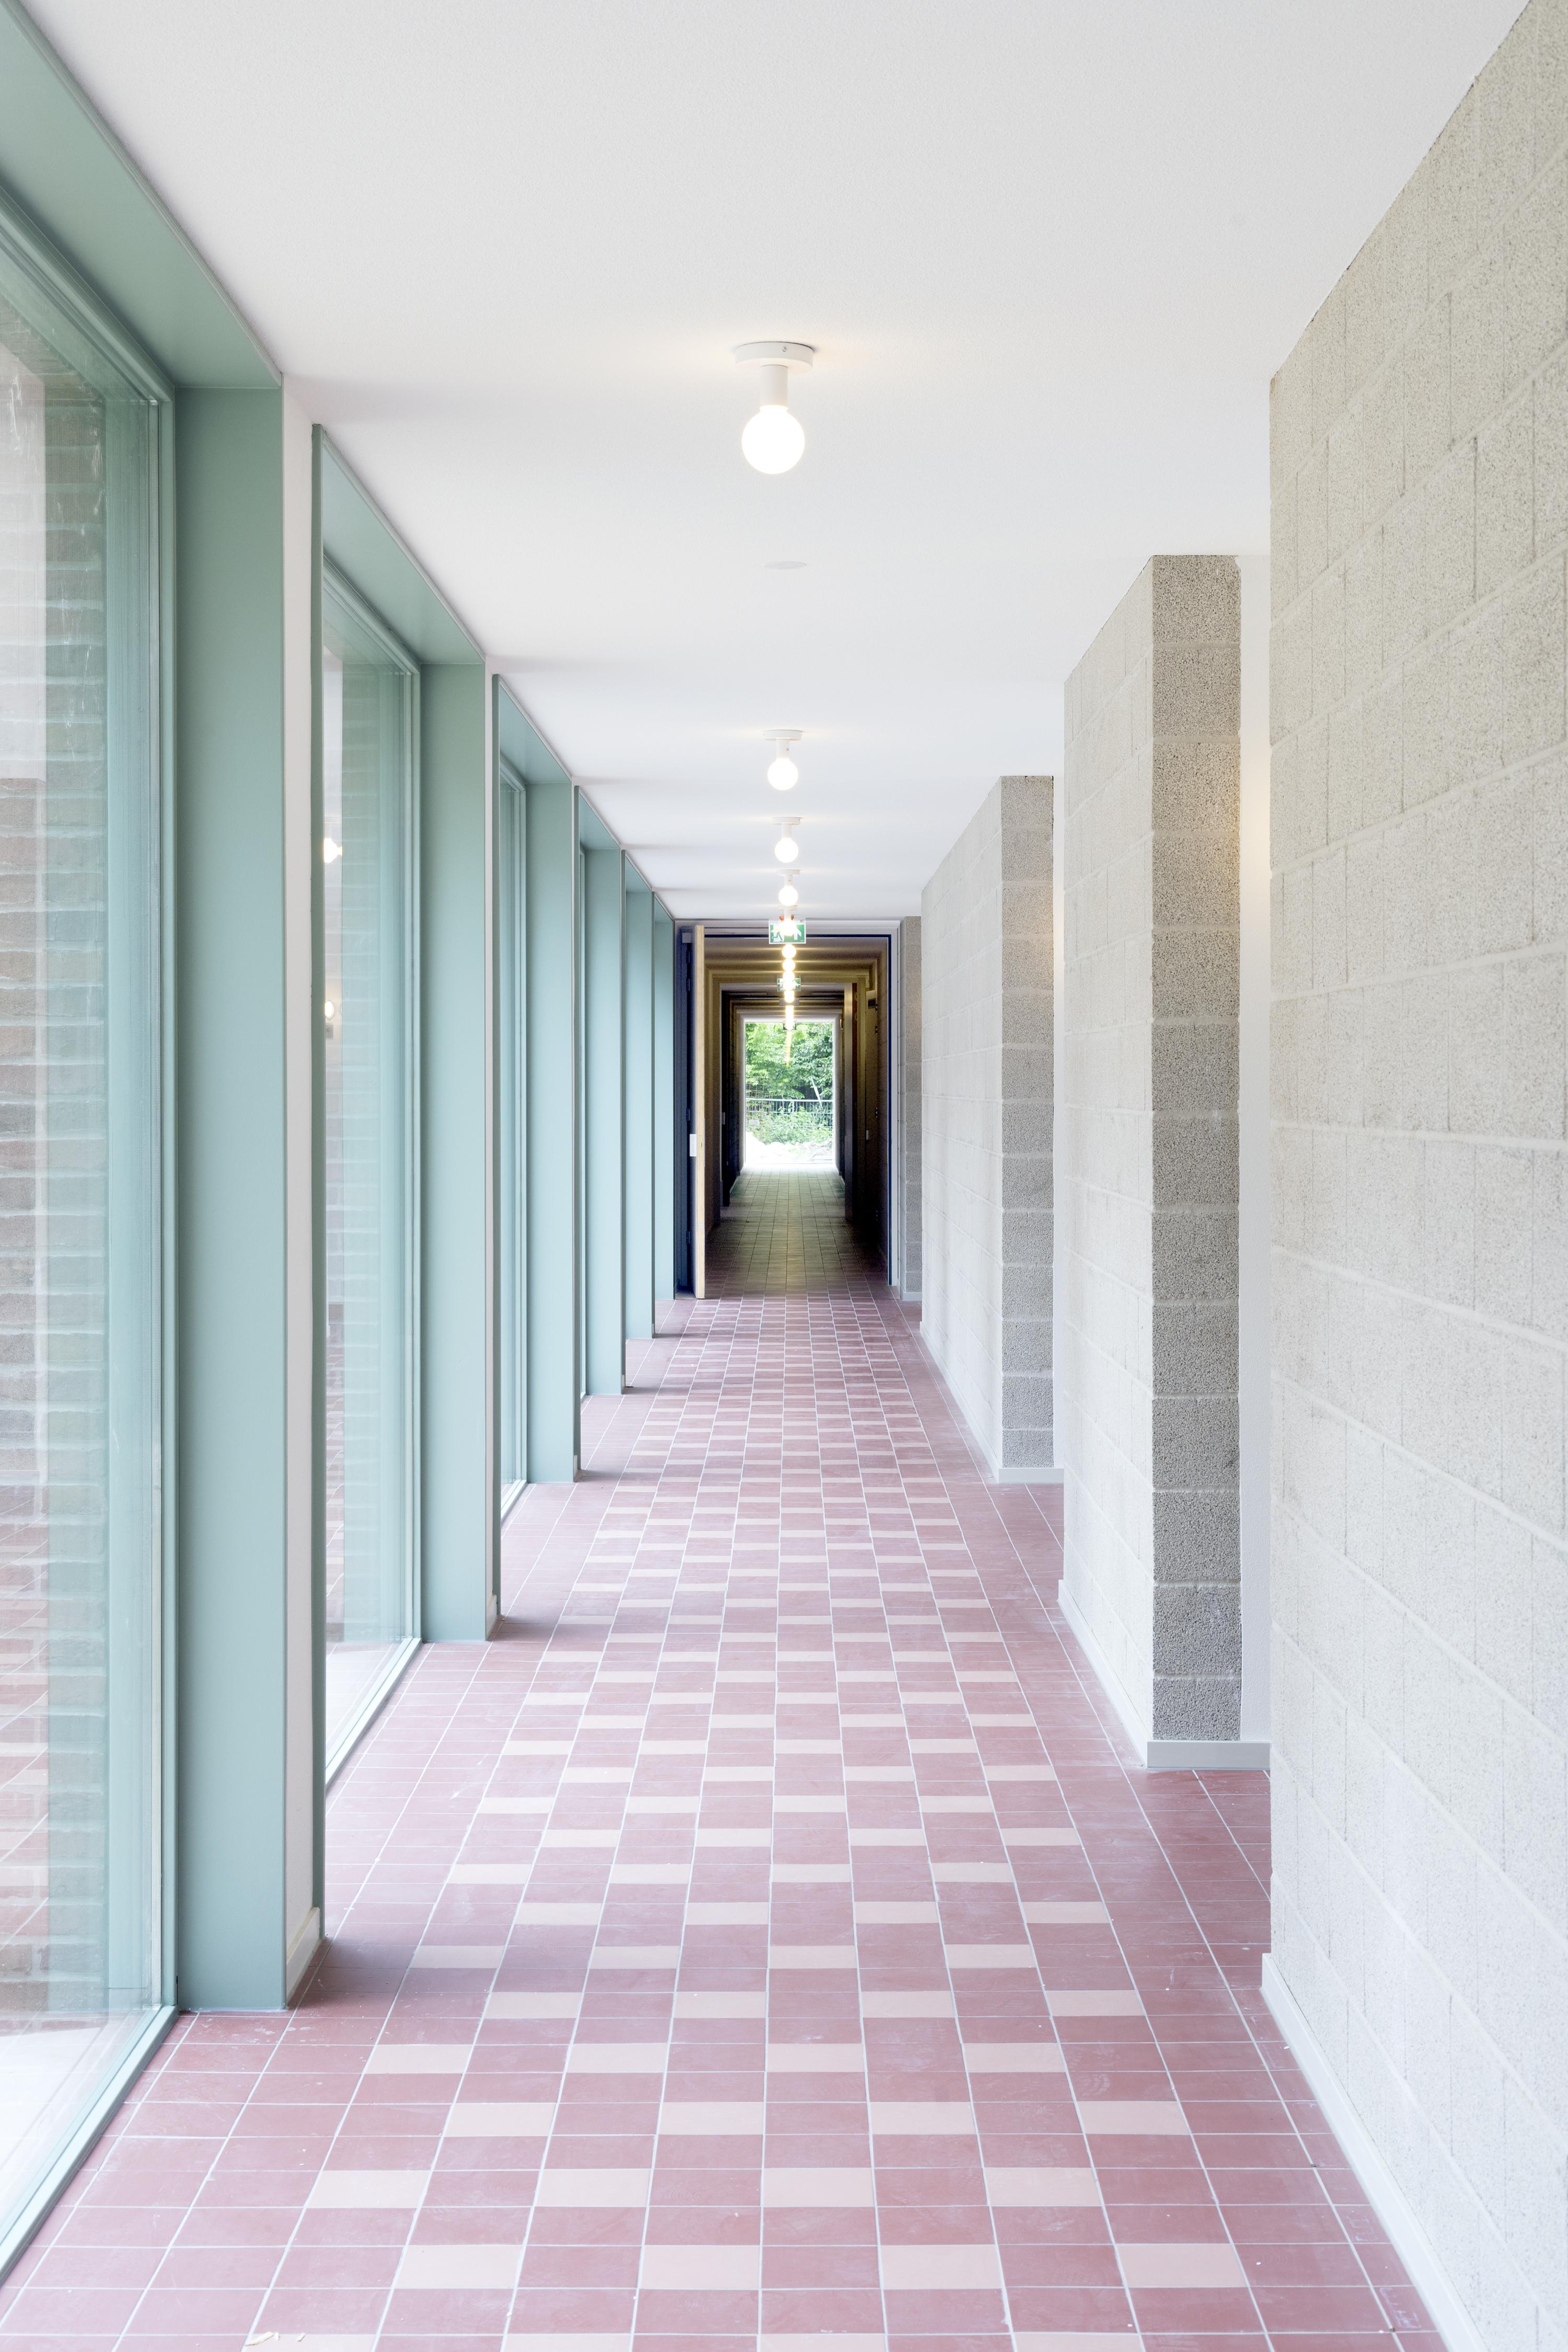 <p>Woongebouw 1 voor Klooster Oude Dijk te Tilburg door Shift. Beeld Riccardo De Vecchi</p>